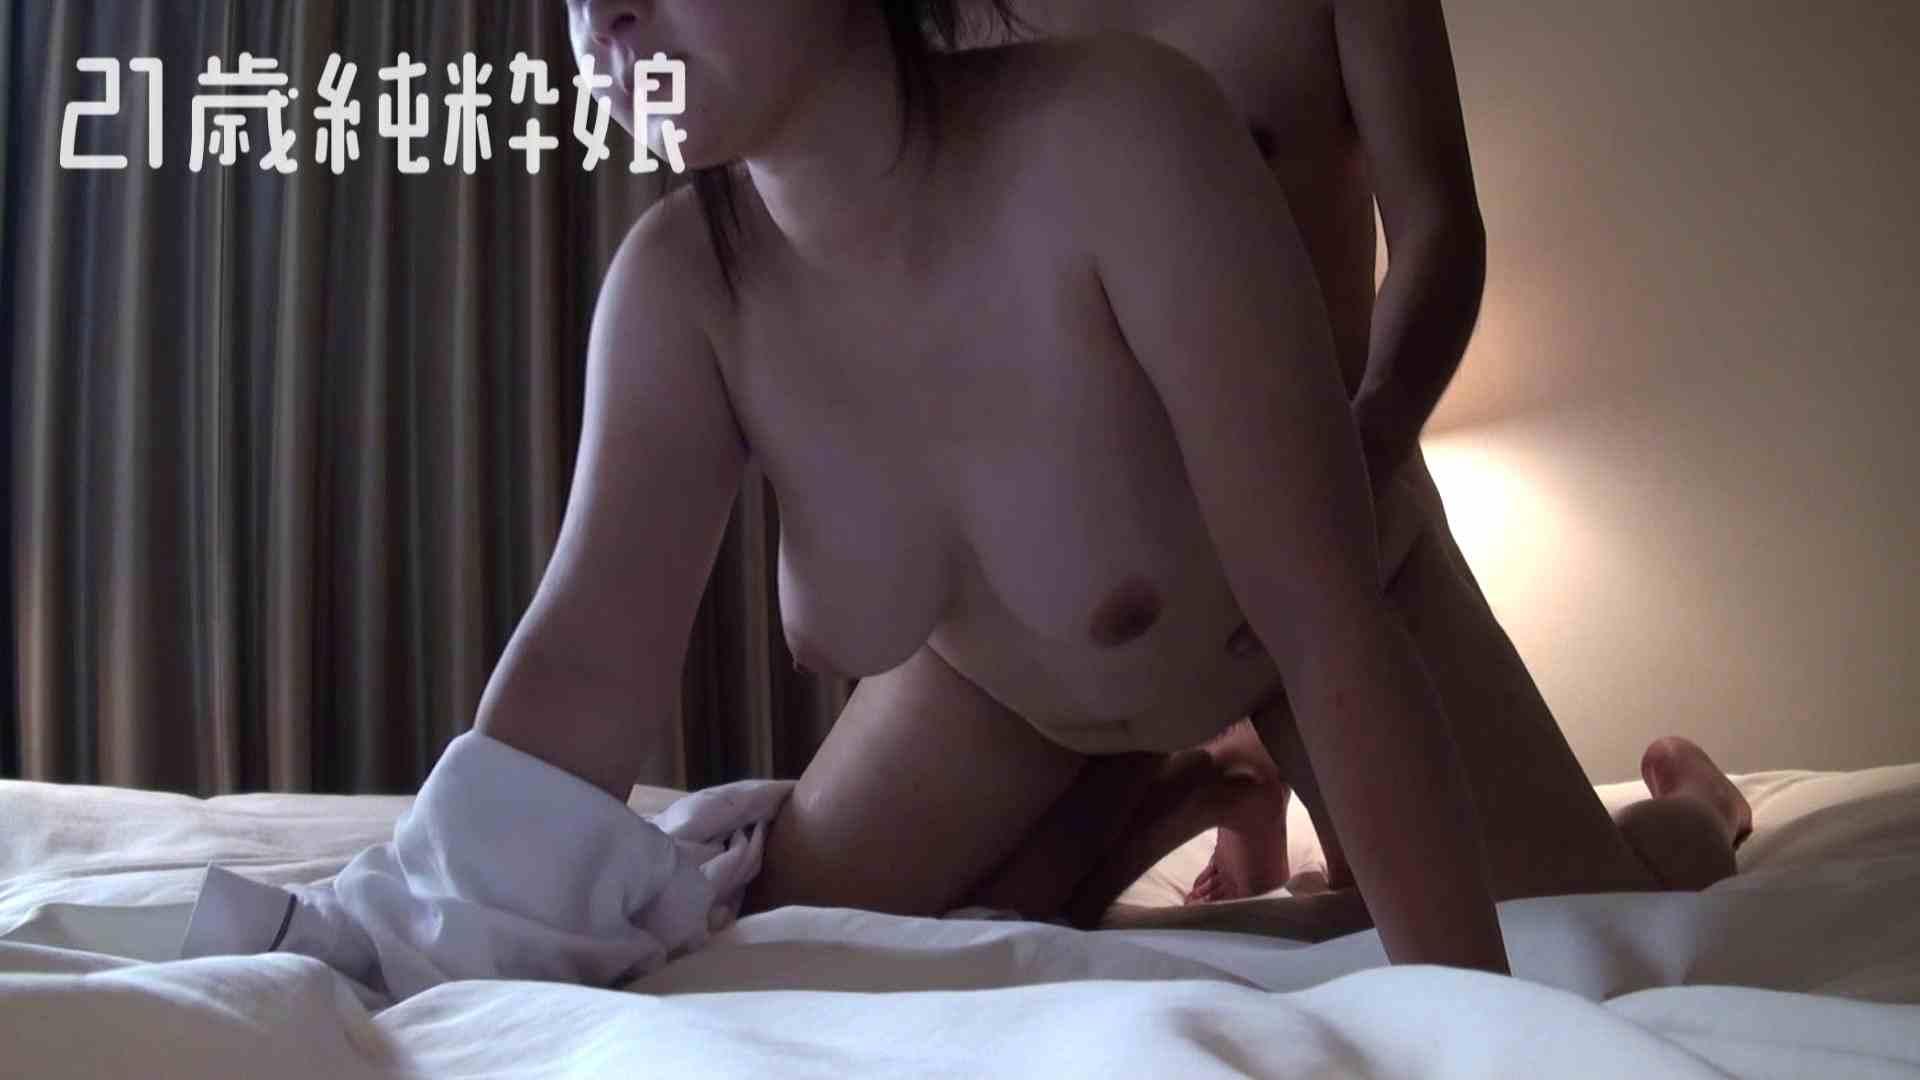 上京したばかりのGカップ21歳純粋嬢を都合の良い女にしてみた2 SEX エロ無料画像 102pic 98